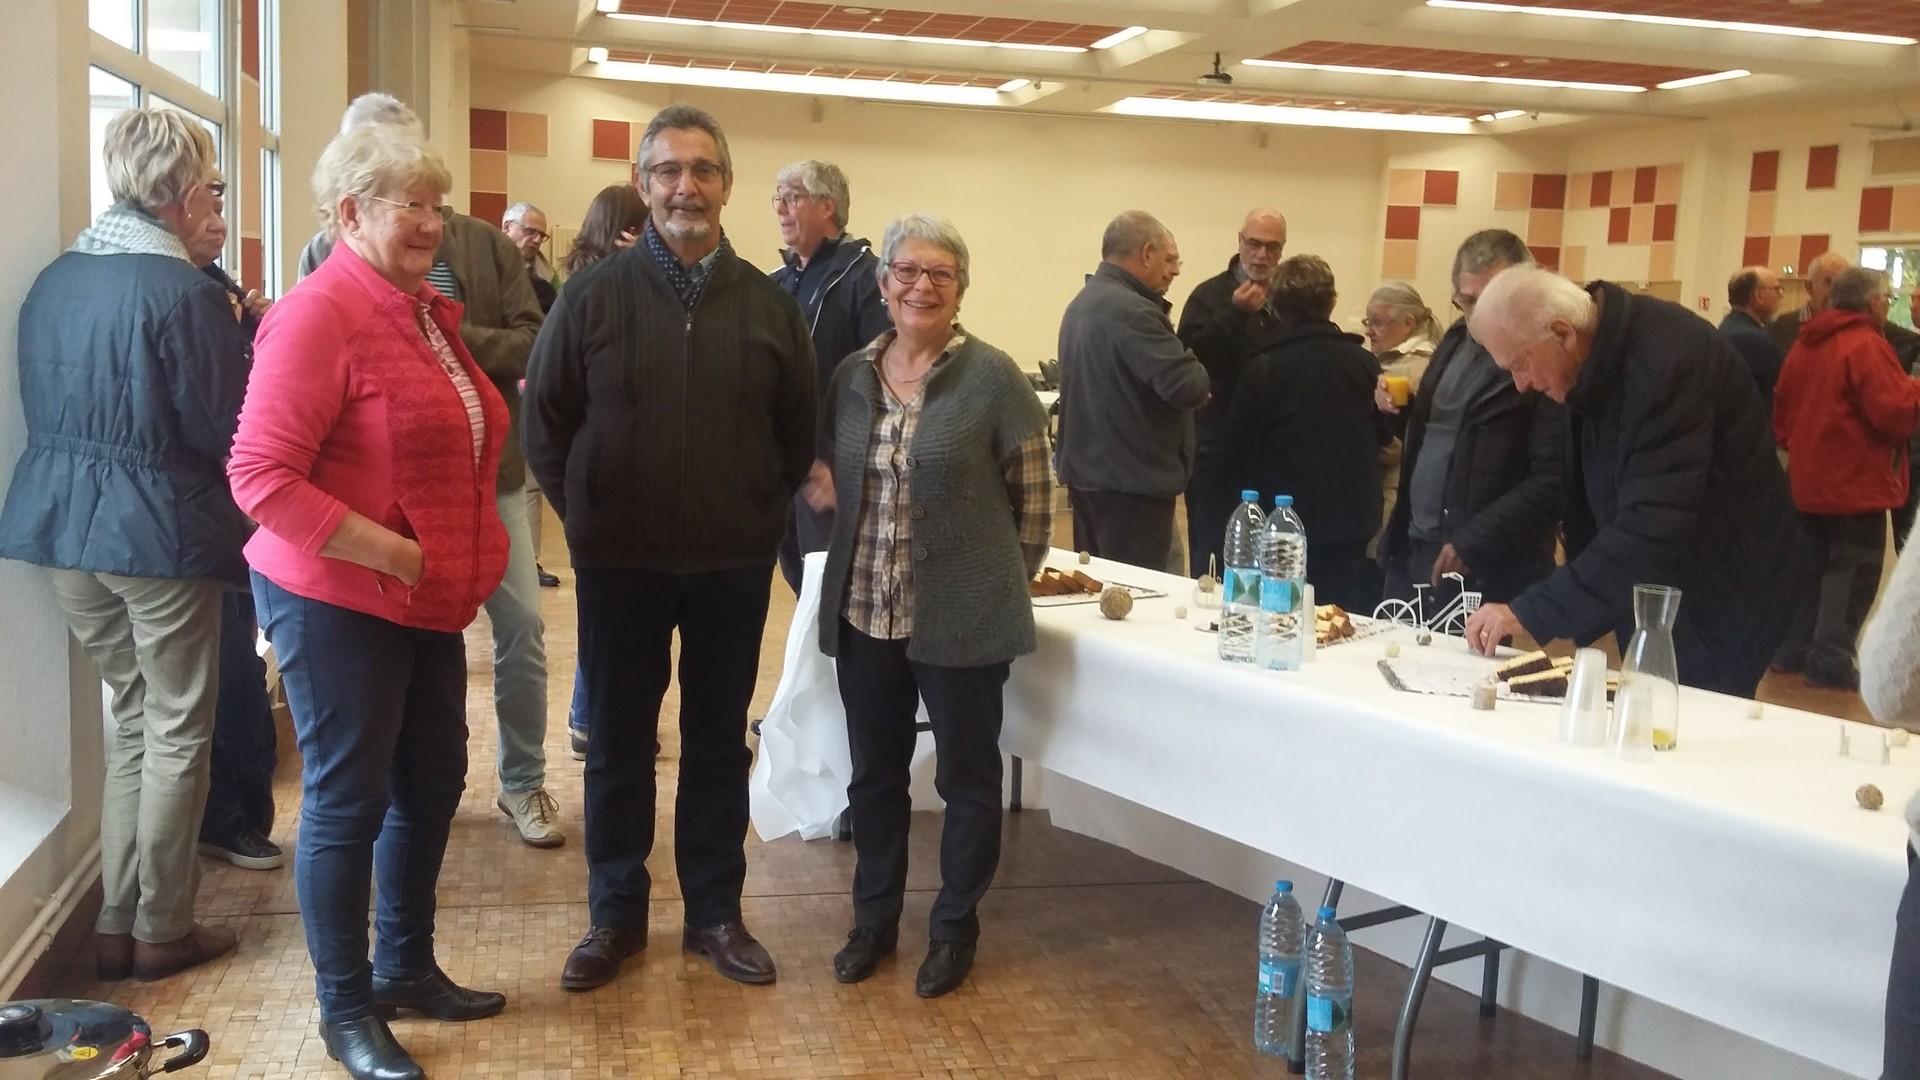 Claudine CDRP60, Alain, Brigitte, bénévoles du club de Noyon